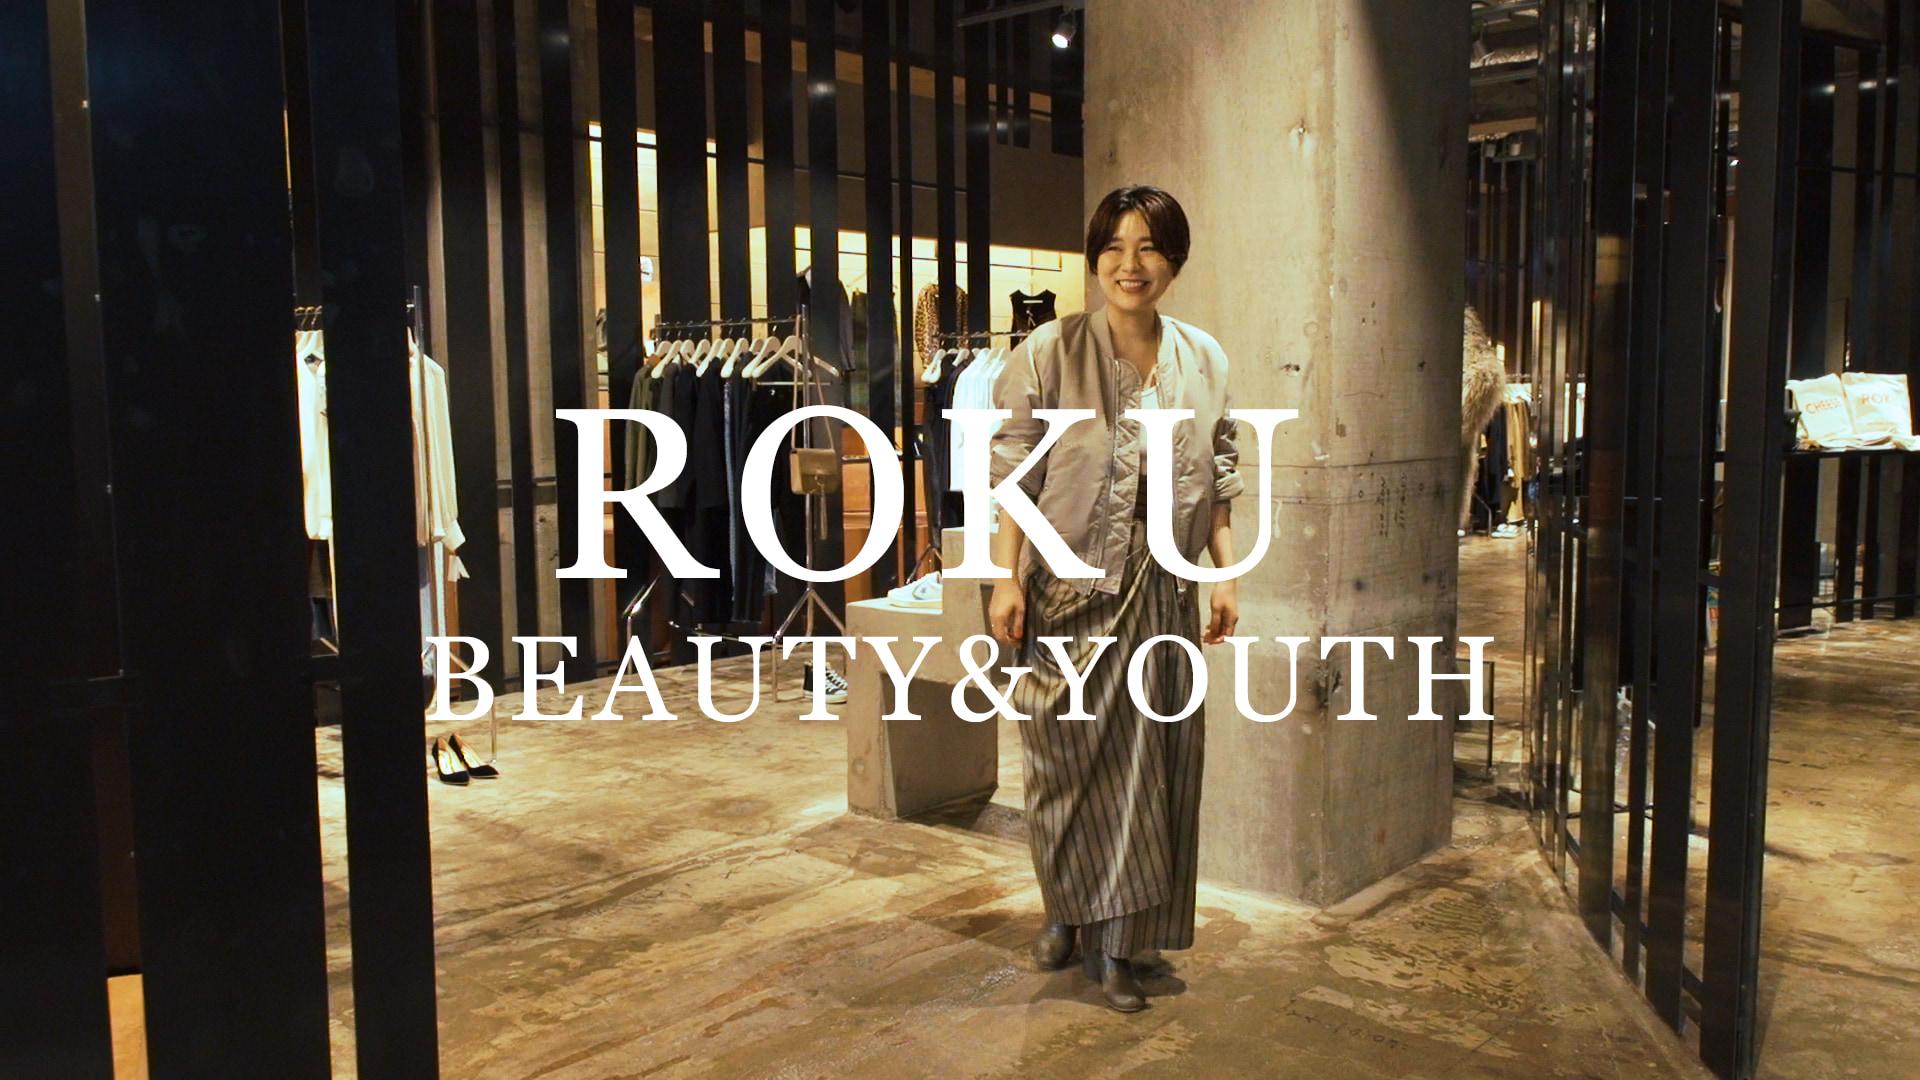 ニュートラルカラーでまとめた、ナチュラルミリタリーコーデ【ROKU BEAUTY&YOUTH】#2